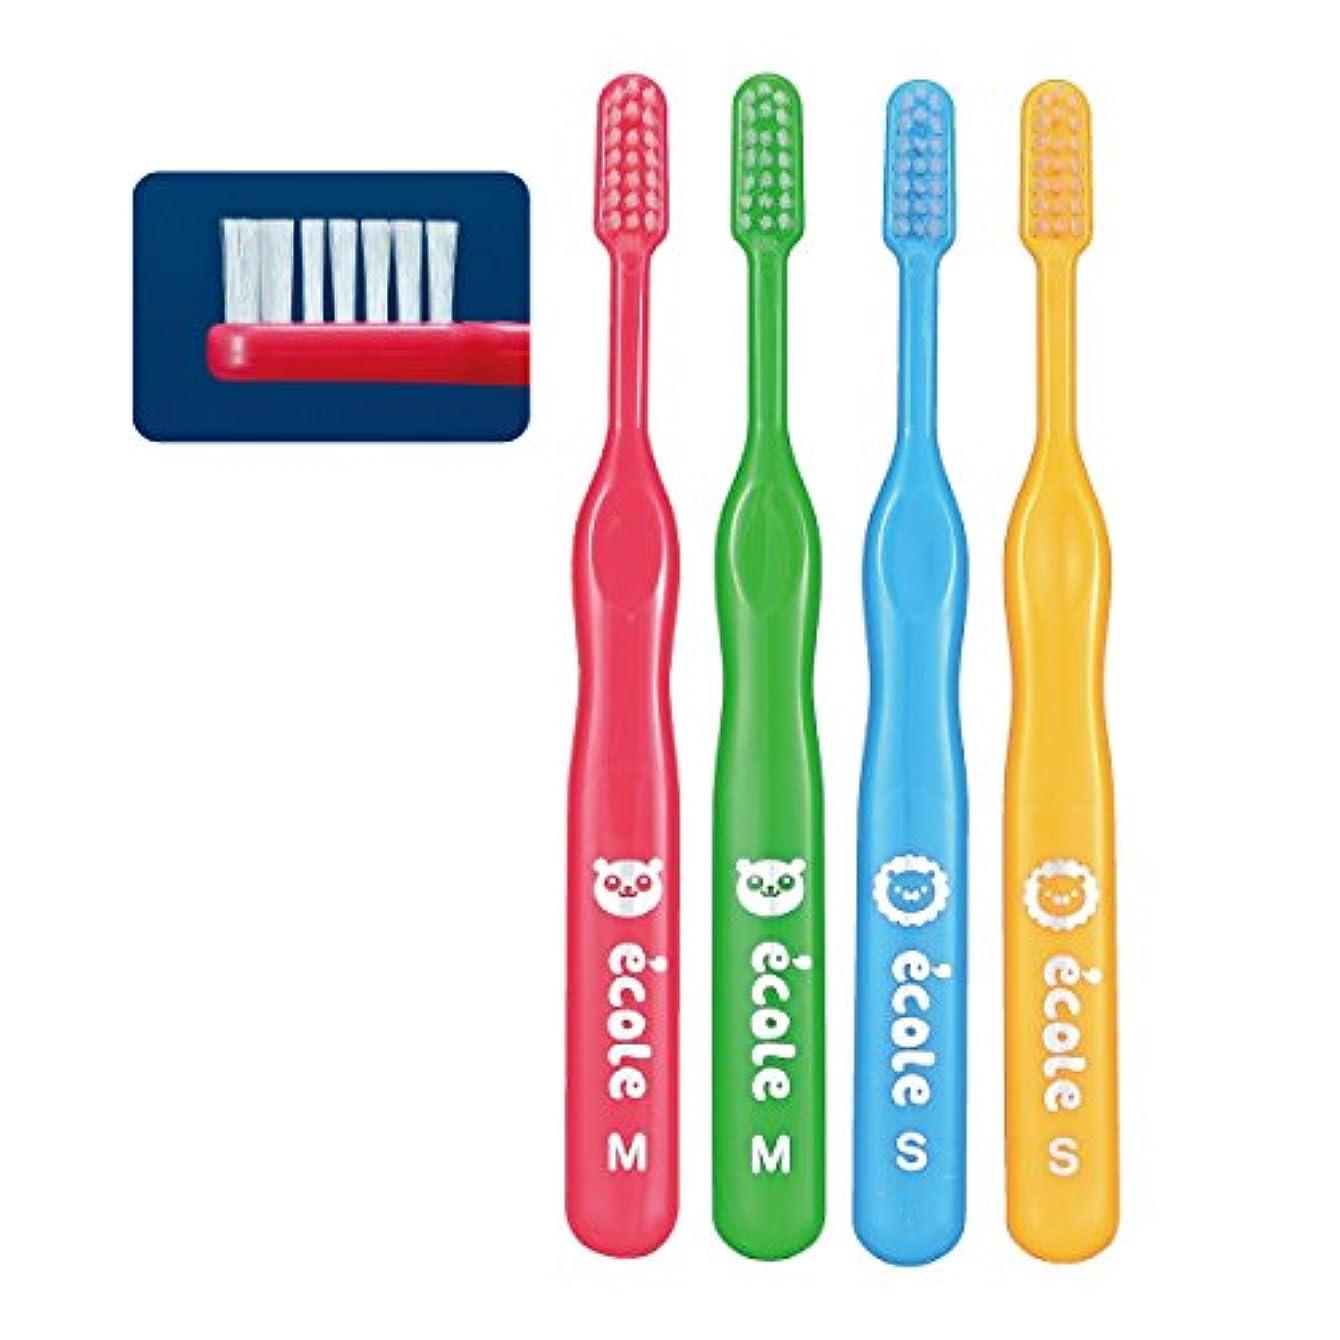 とげのある北極圏クランプリセラ エコル 幼児~小学生用歯ブラシ  Sやわらかめ 4本入り